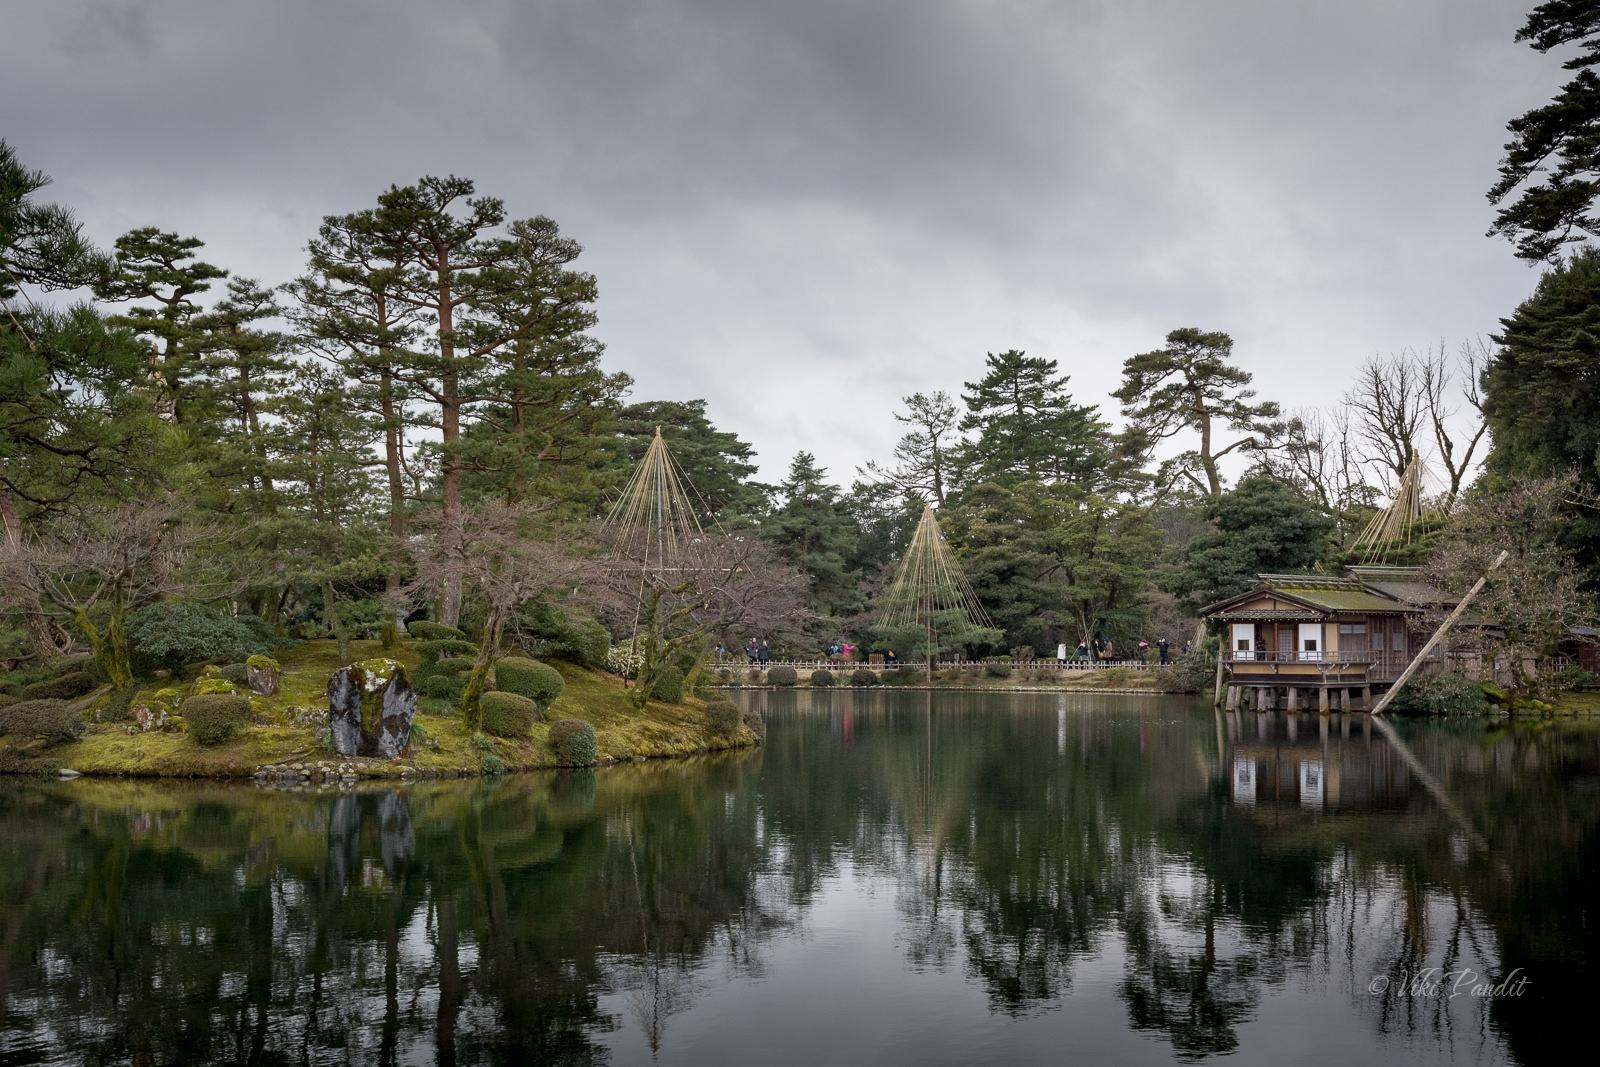 Uchihashi-tei Tea House, Kenrokuen Garden